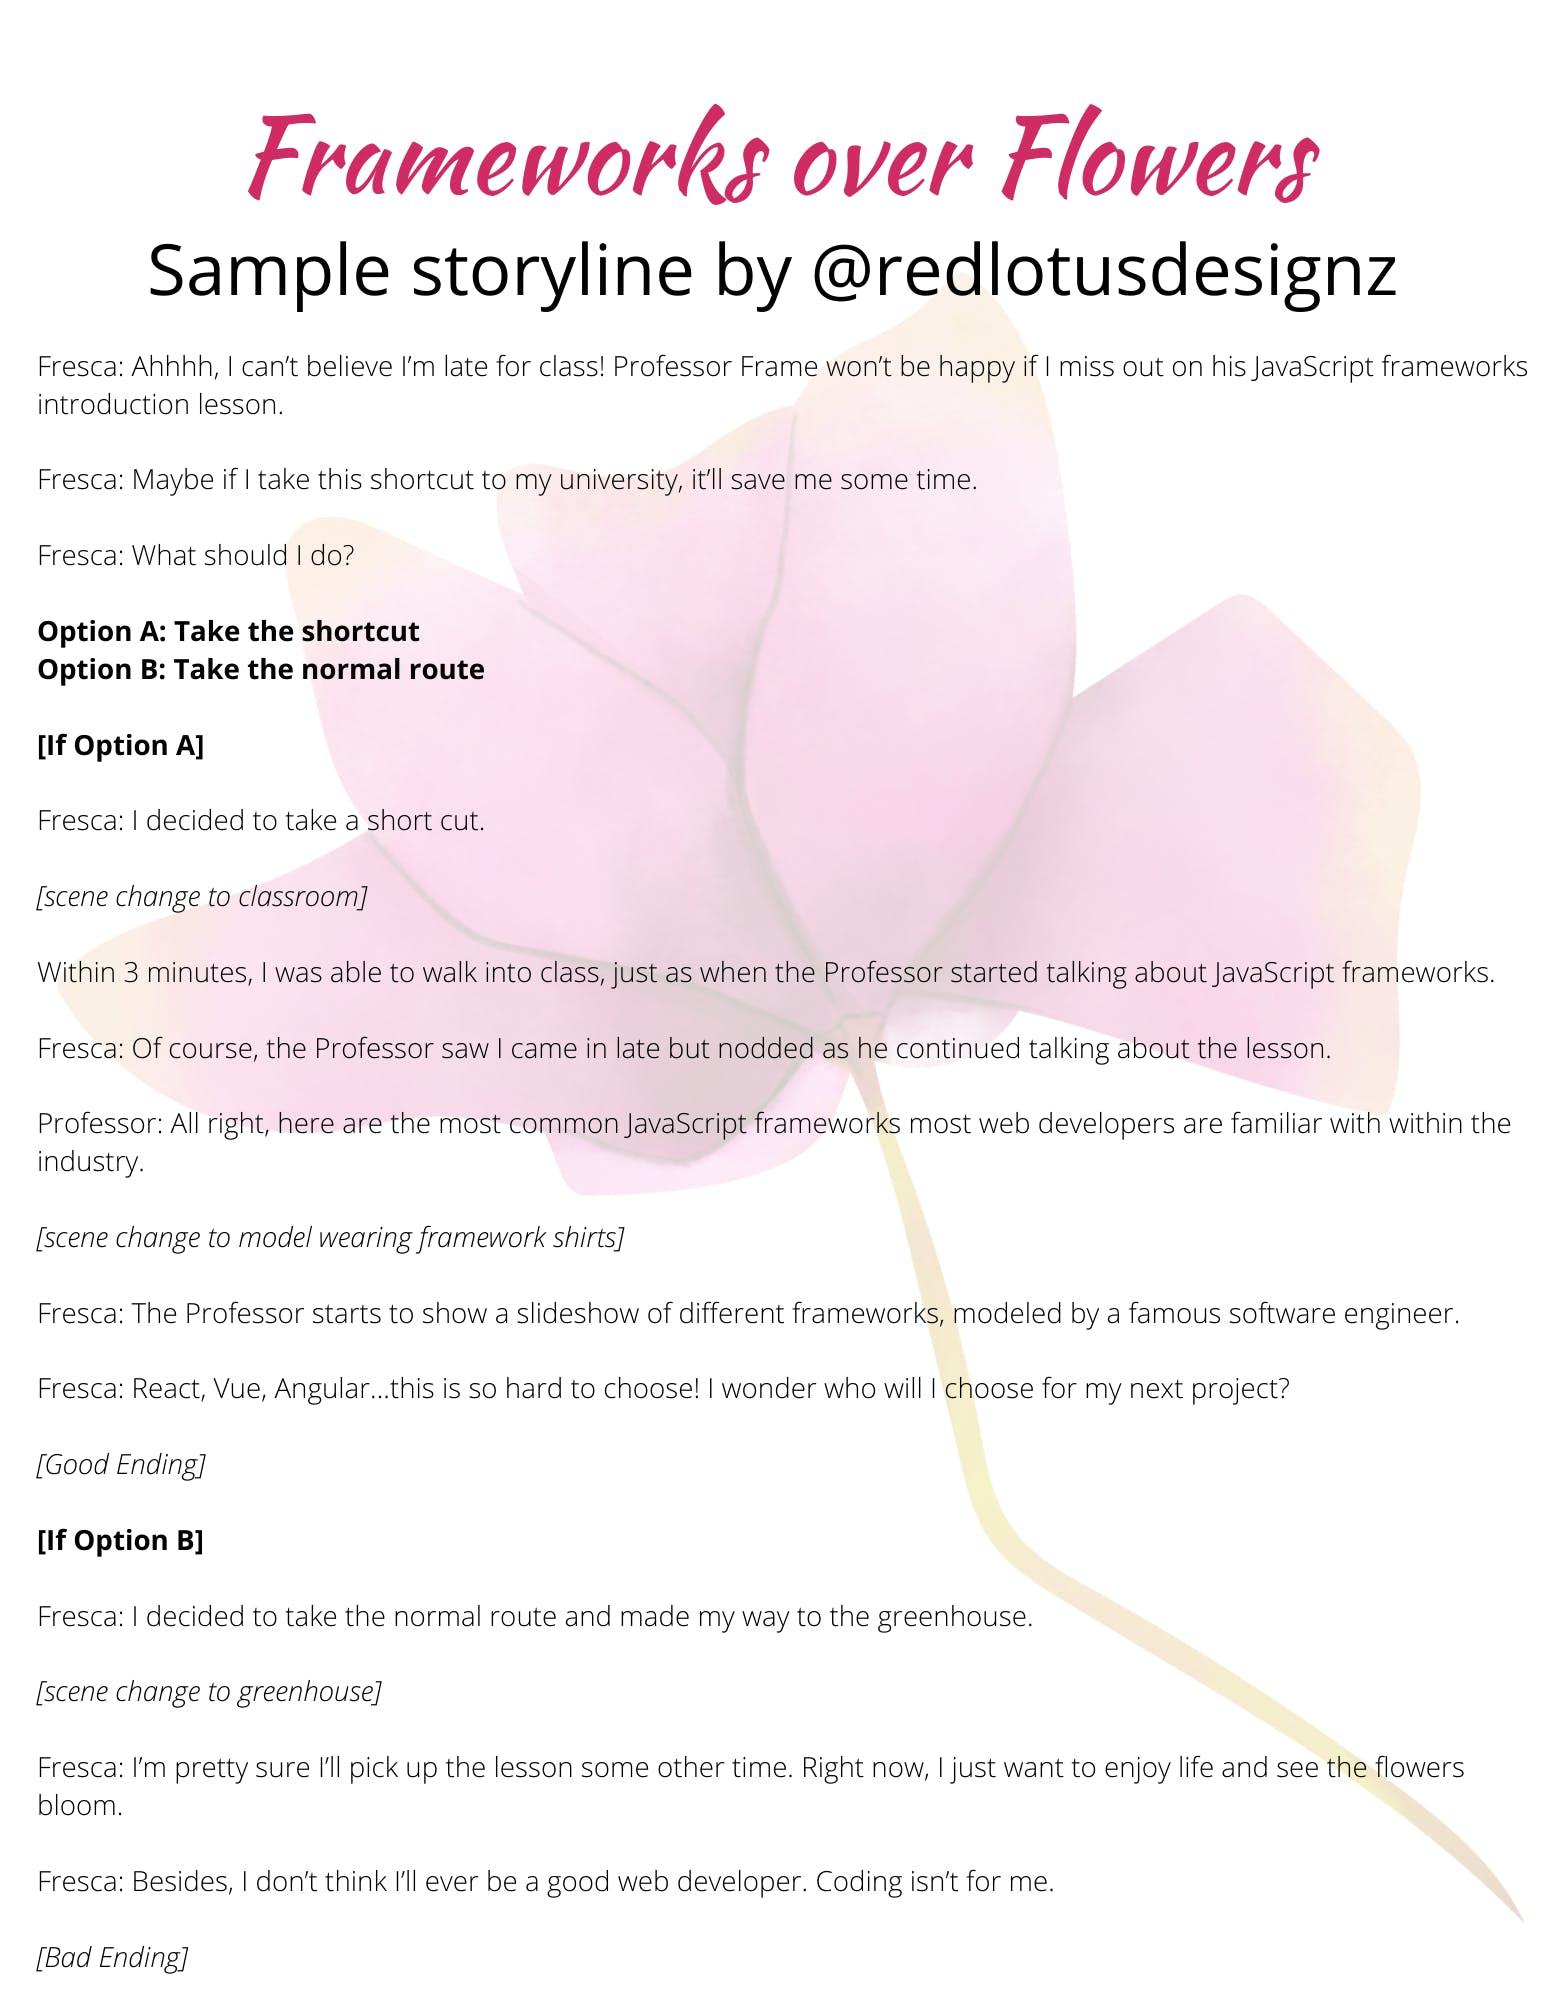 frameworks over flowers sample script.png